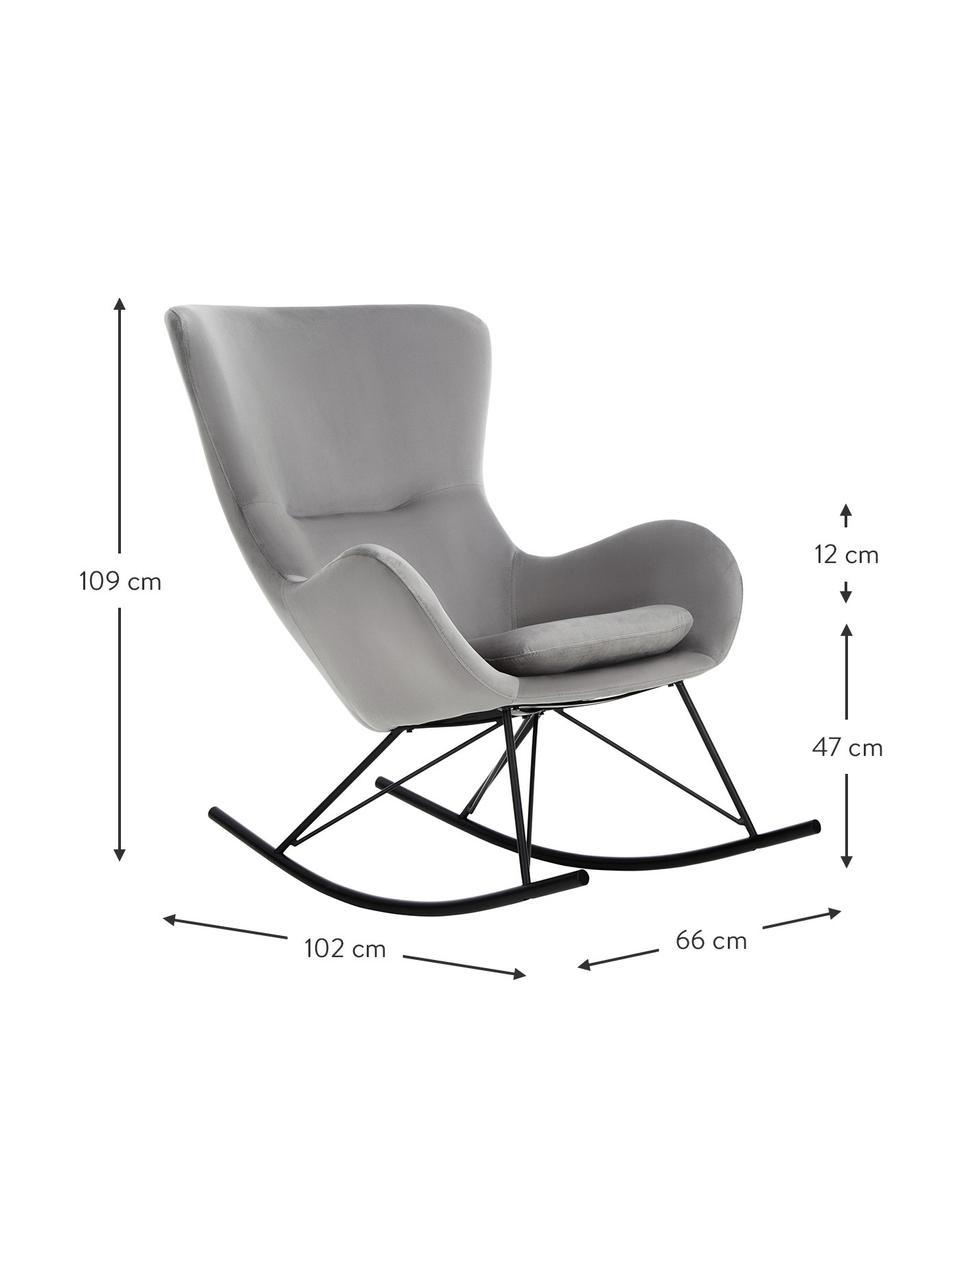 Fotel bujany uszak z aksamitu Wing, Tapicerka: aksamit (poliester) Dzięk, Aksamitny szary, czarny, S 66 x G 102 cm